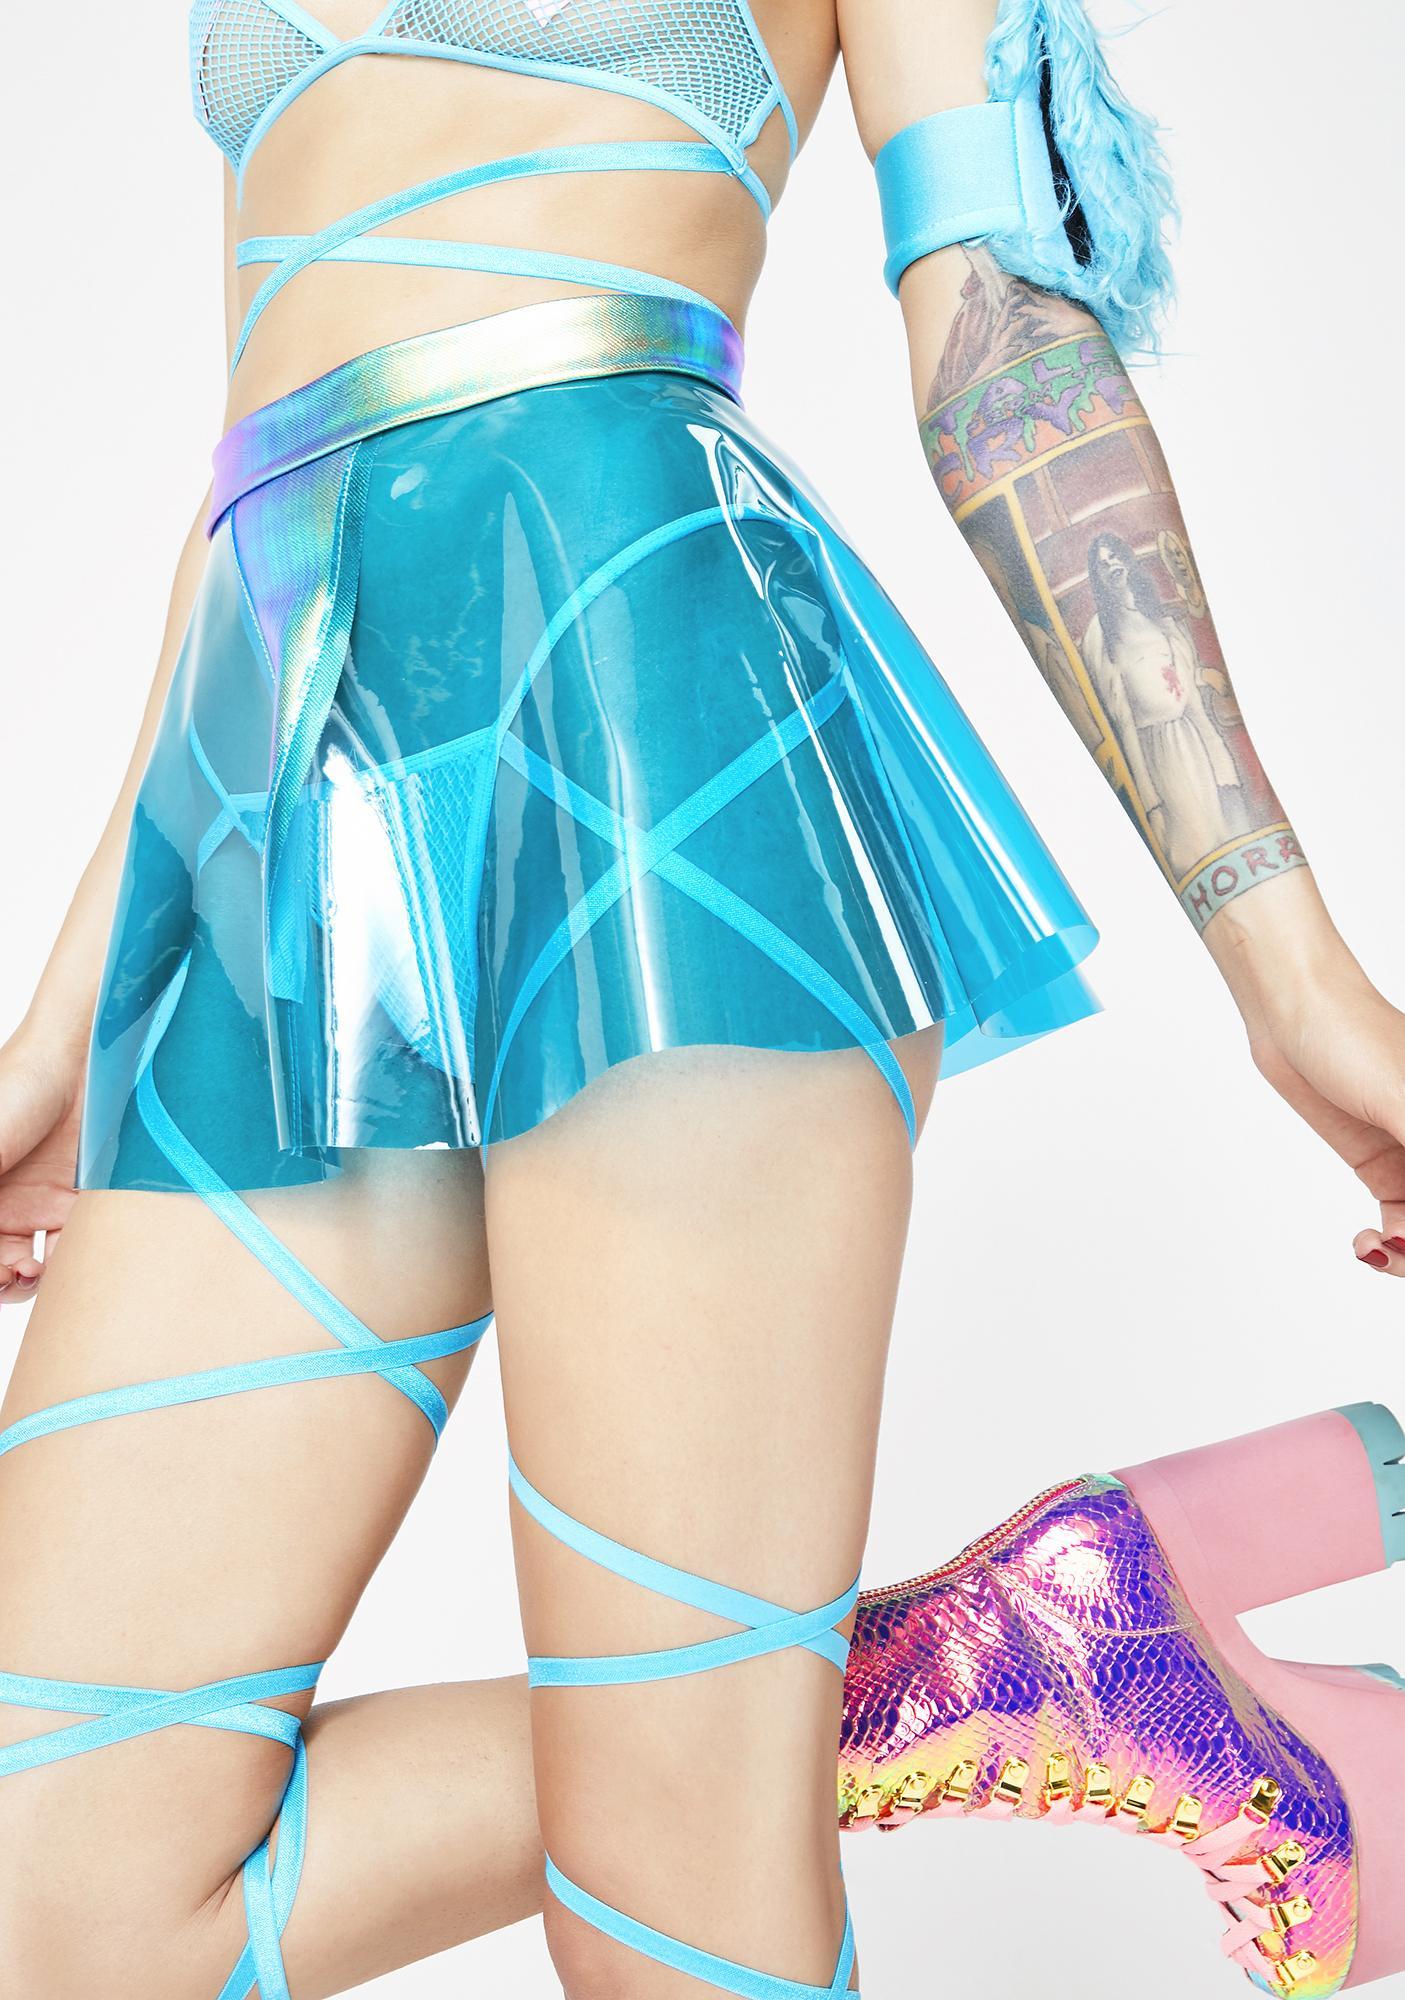 J Valentine Visualize Vinyl Mini Skirt